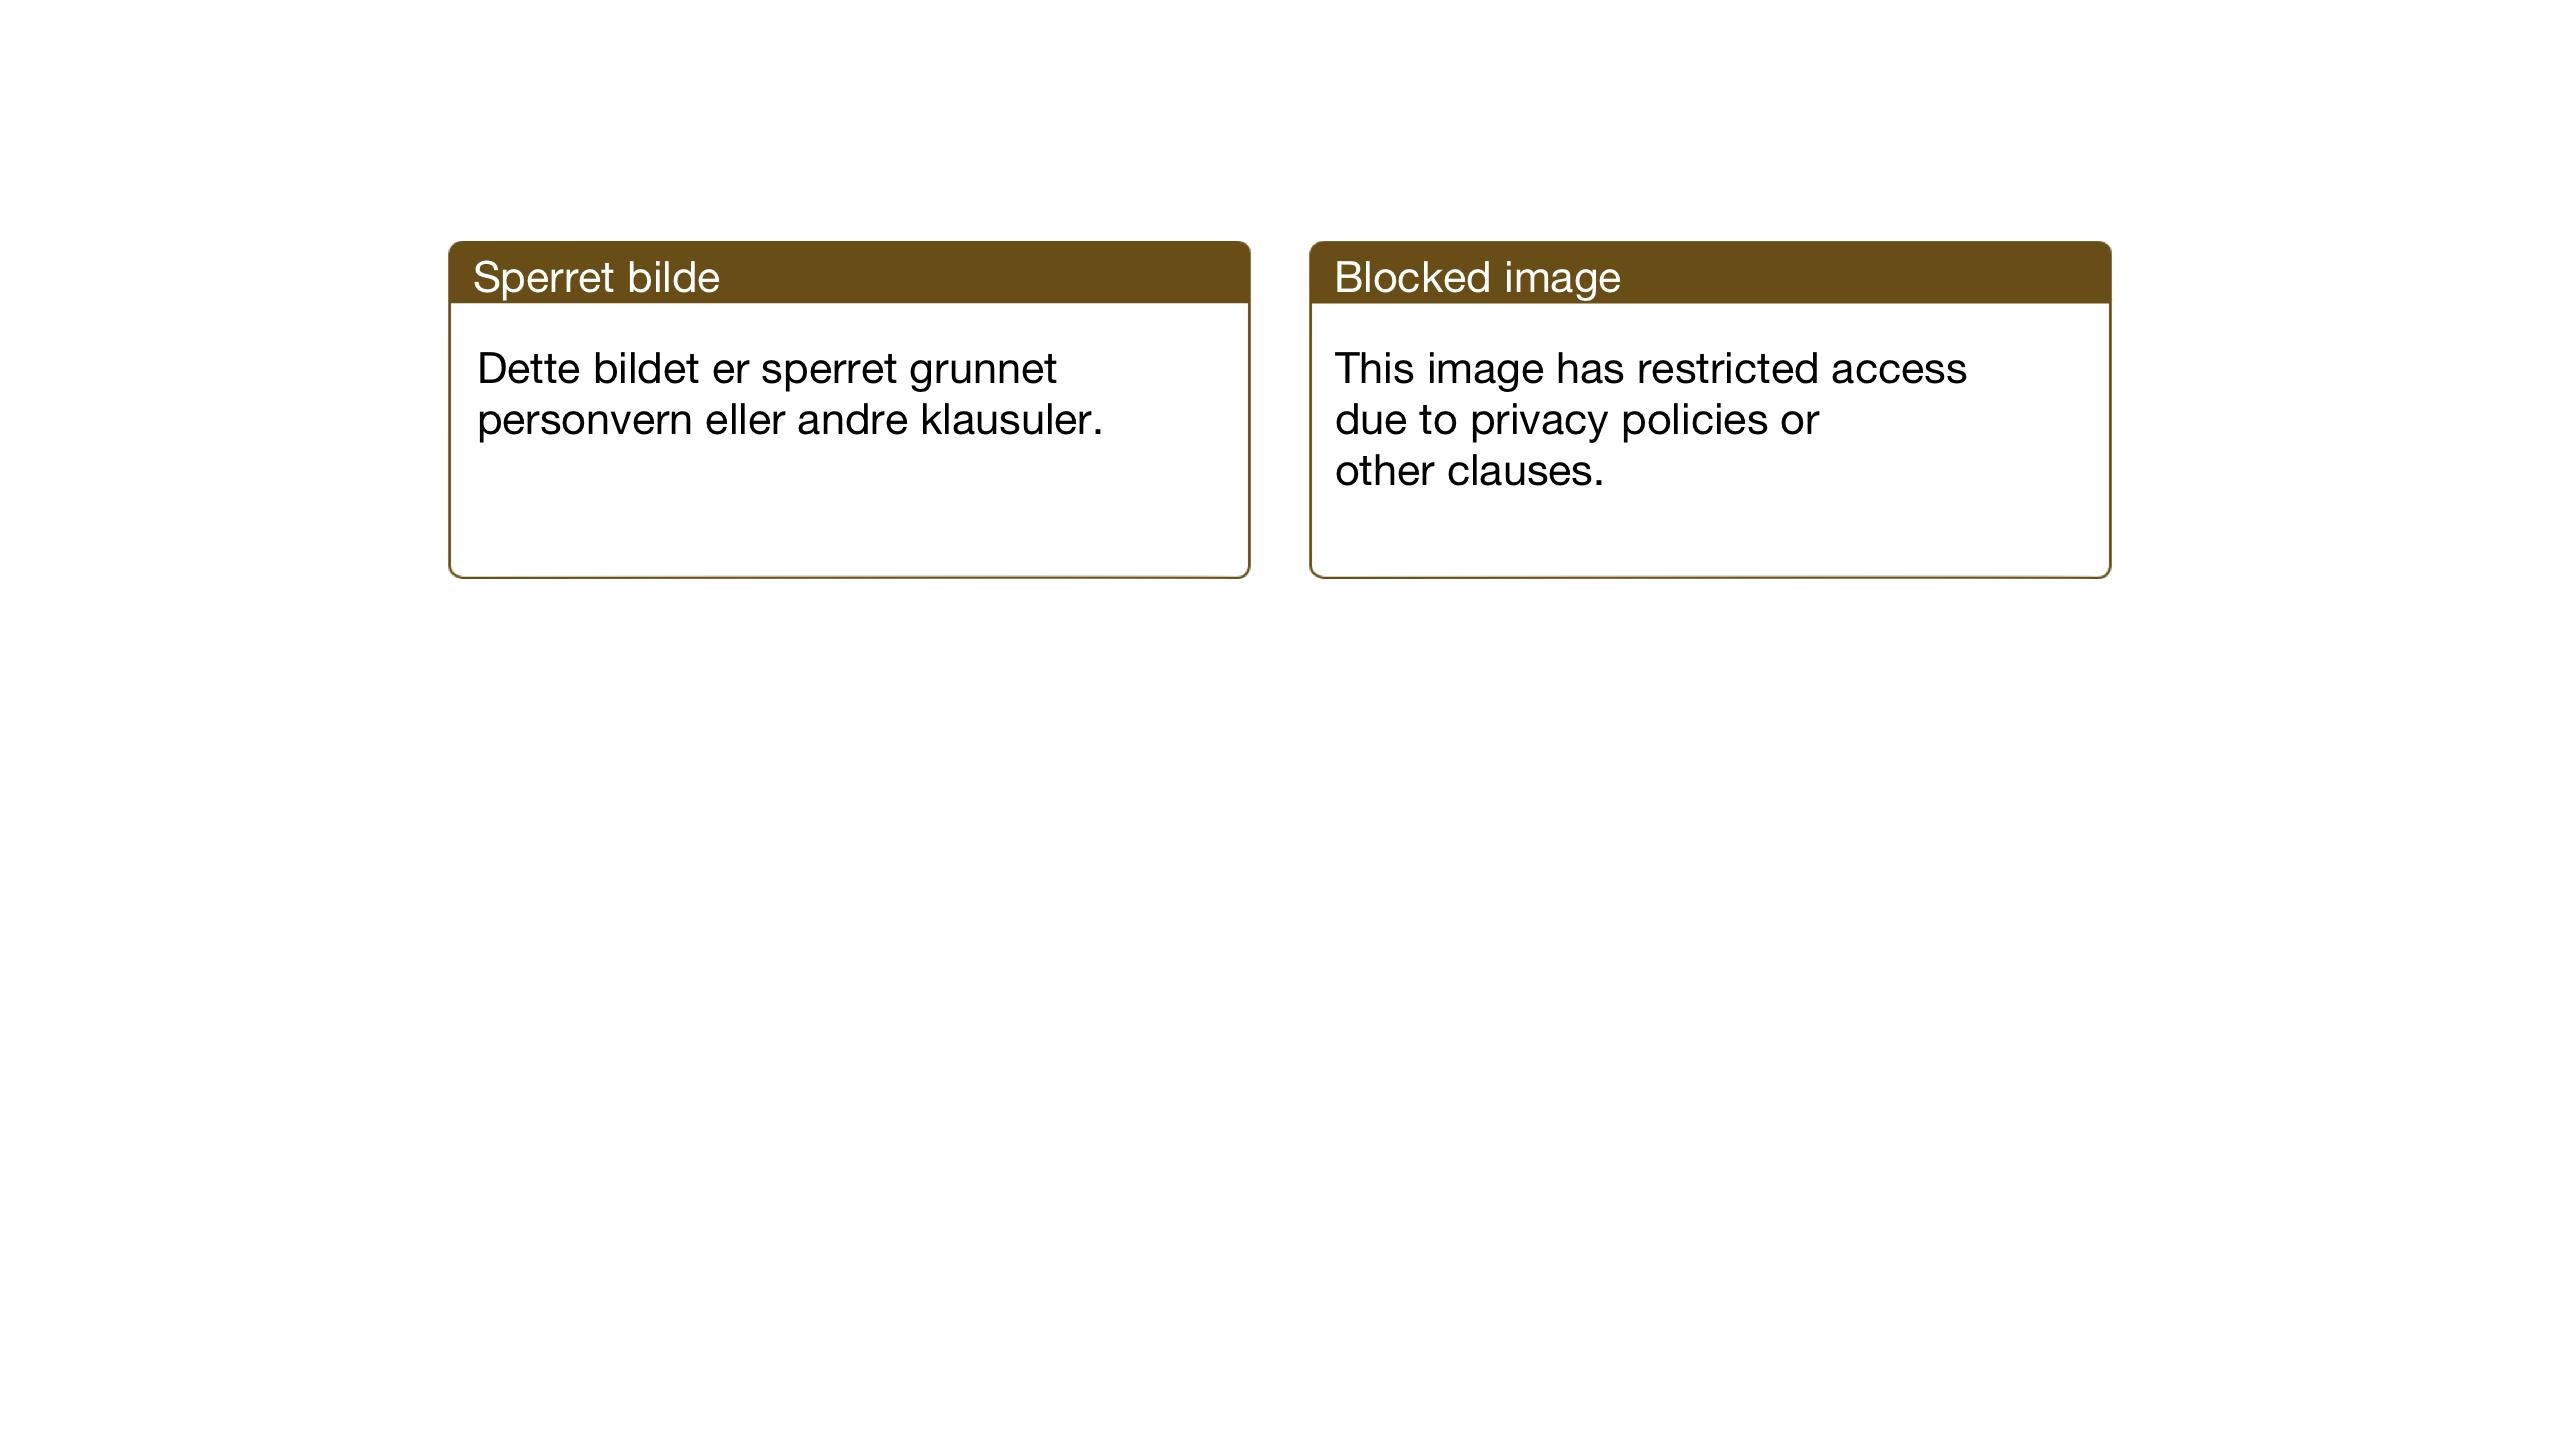 SAT, Ministerialprotokoller, klokkerbøker og fødselsregistre - Sør-Trøndelag, 630/L0508: Klokkerbok nr. 630C06, 1933-1950, s. 161